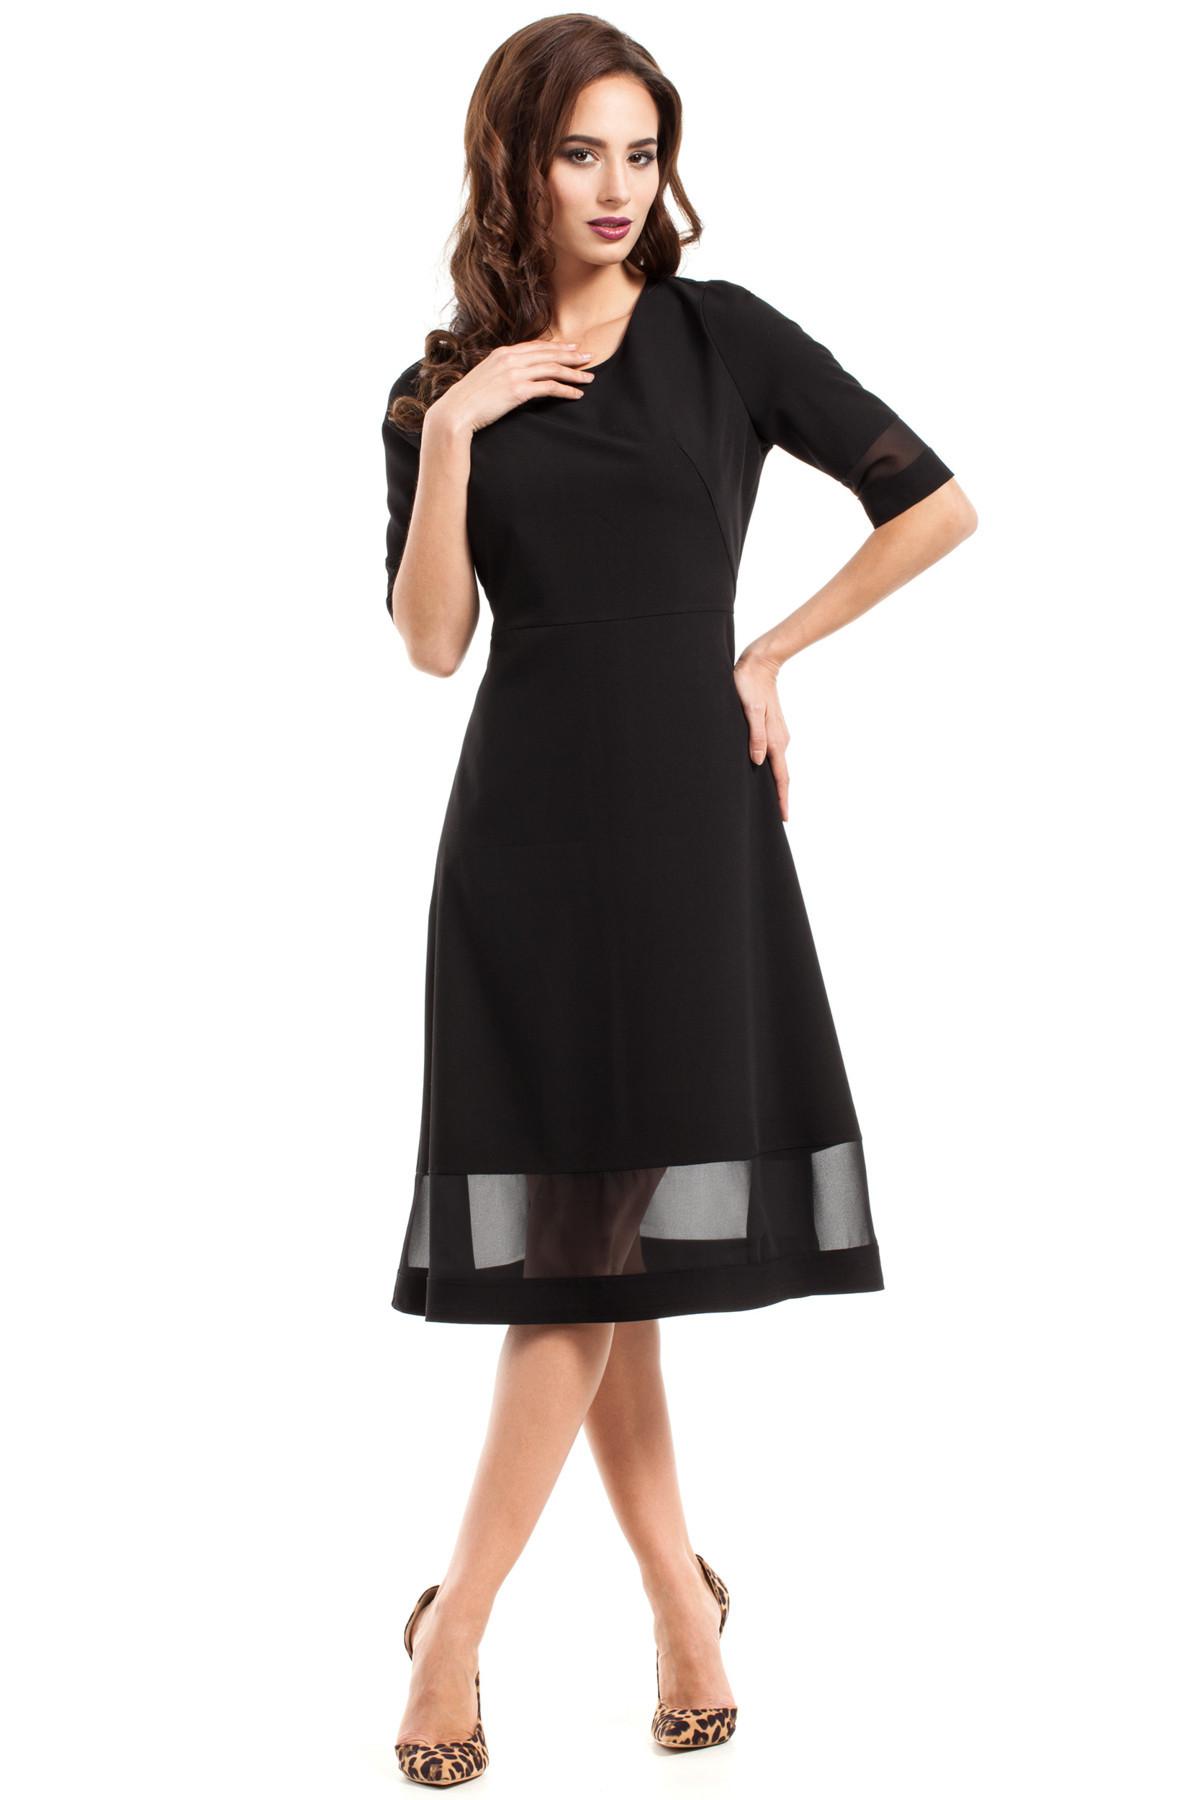 Dámske spoločenské šaty s voľnou sukňou čierne - Čierna - MOE M